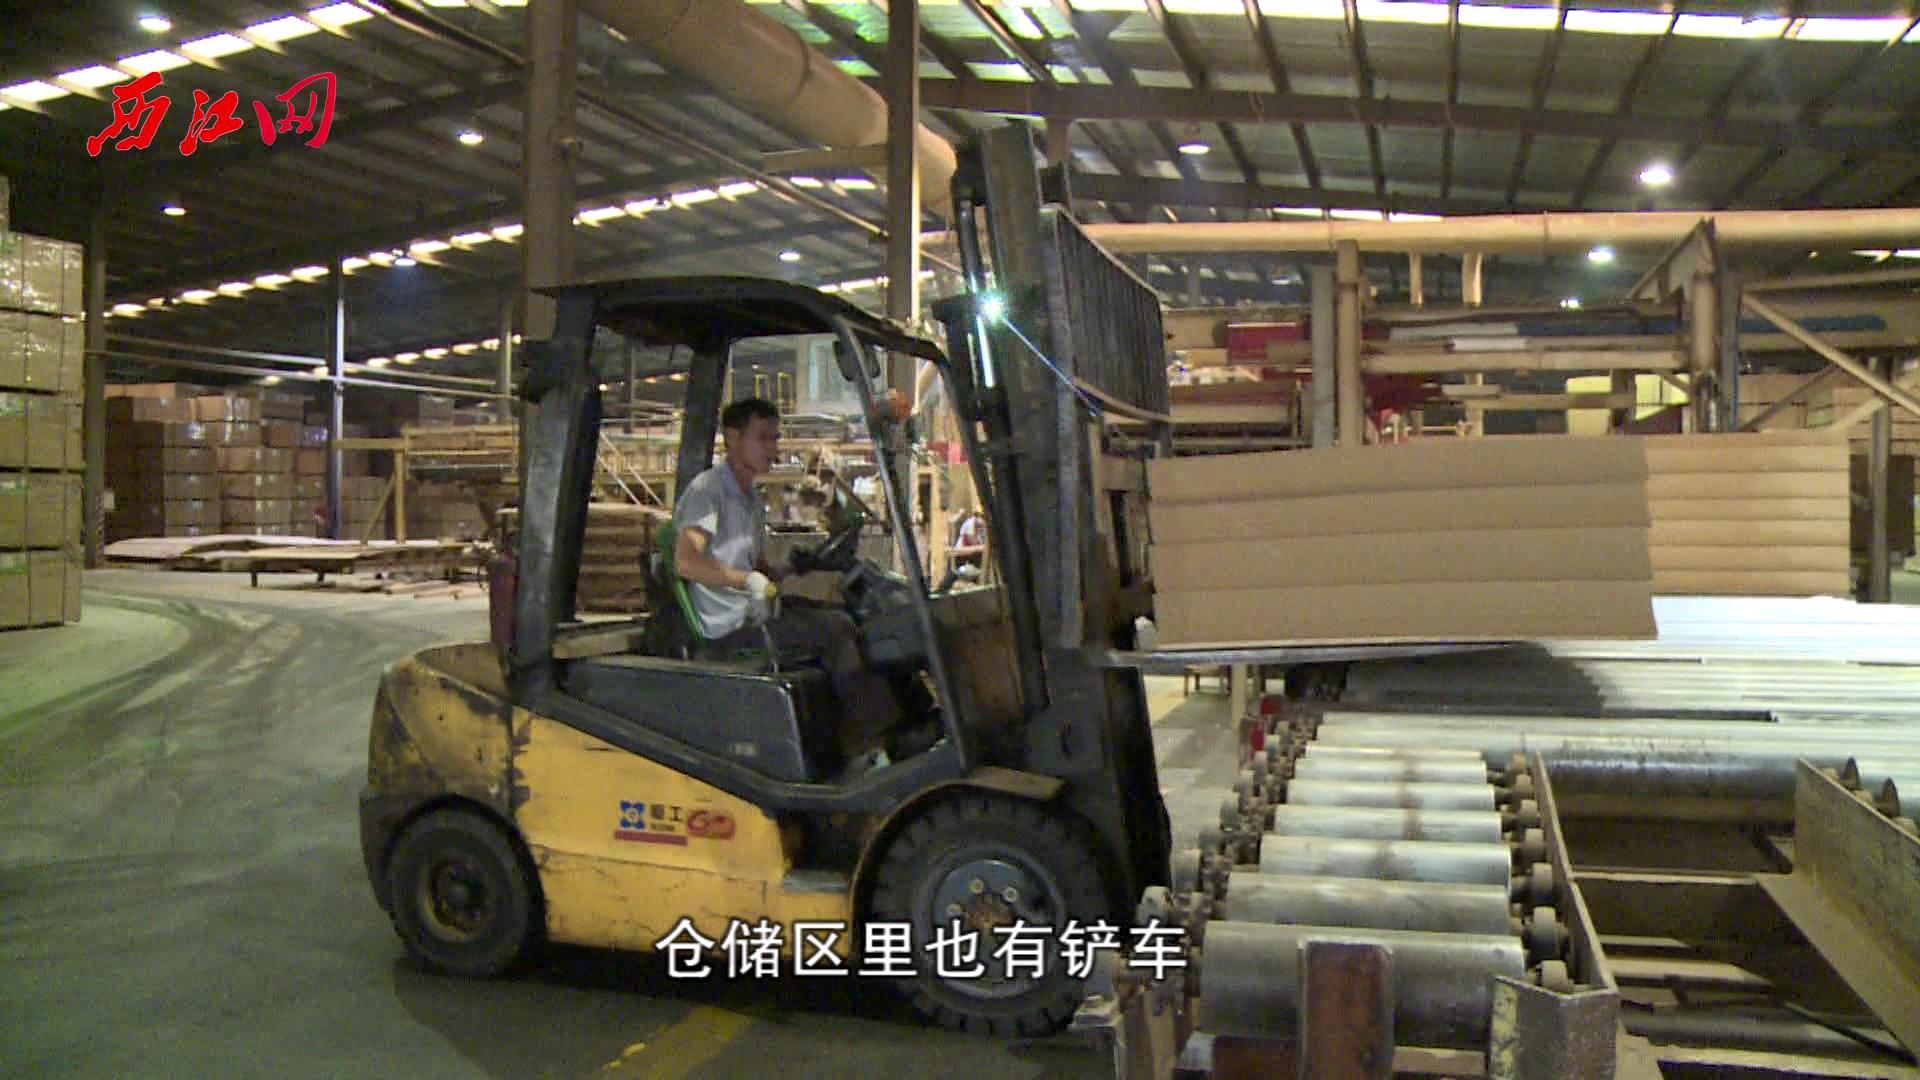 以龍頭項目發展帶動工業轉型突破 德慶致力打造西江精品明珠